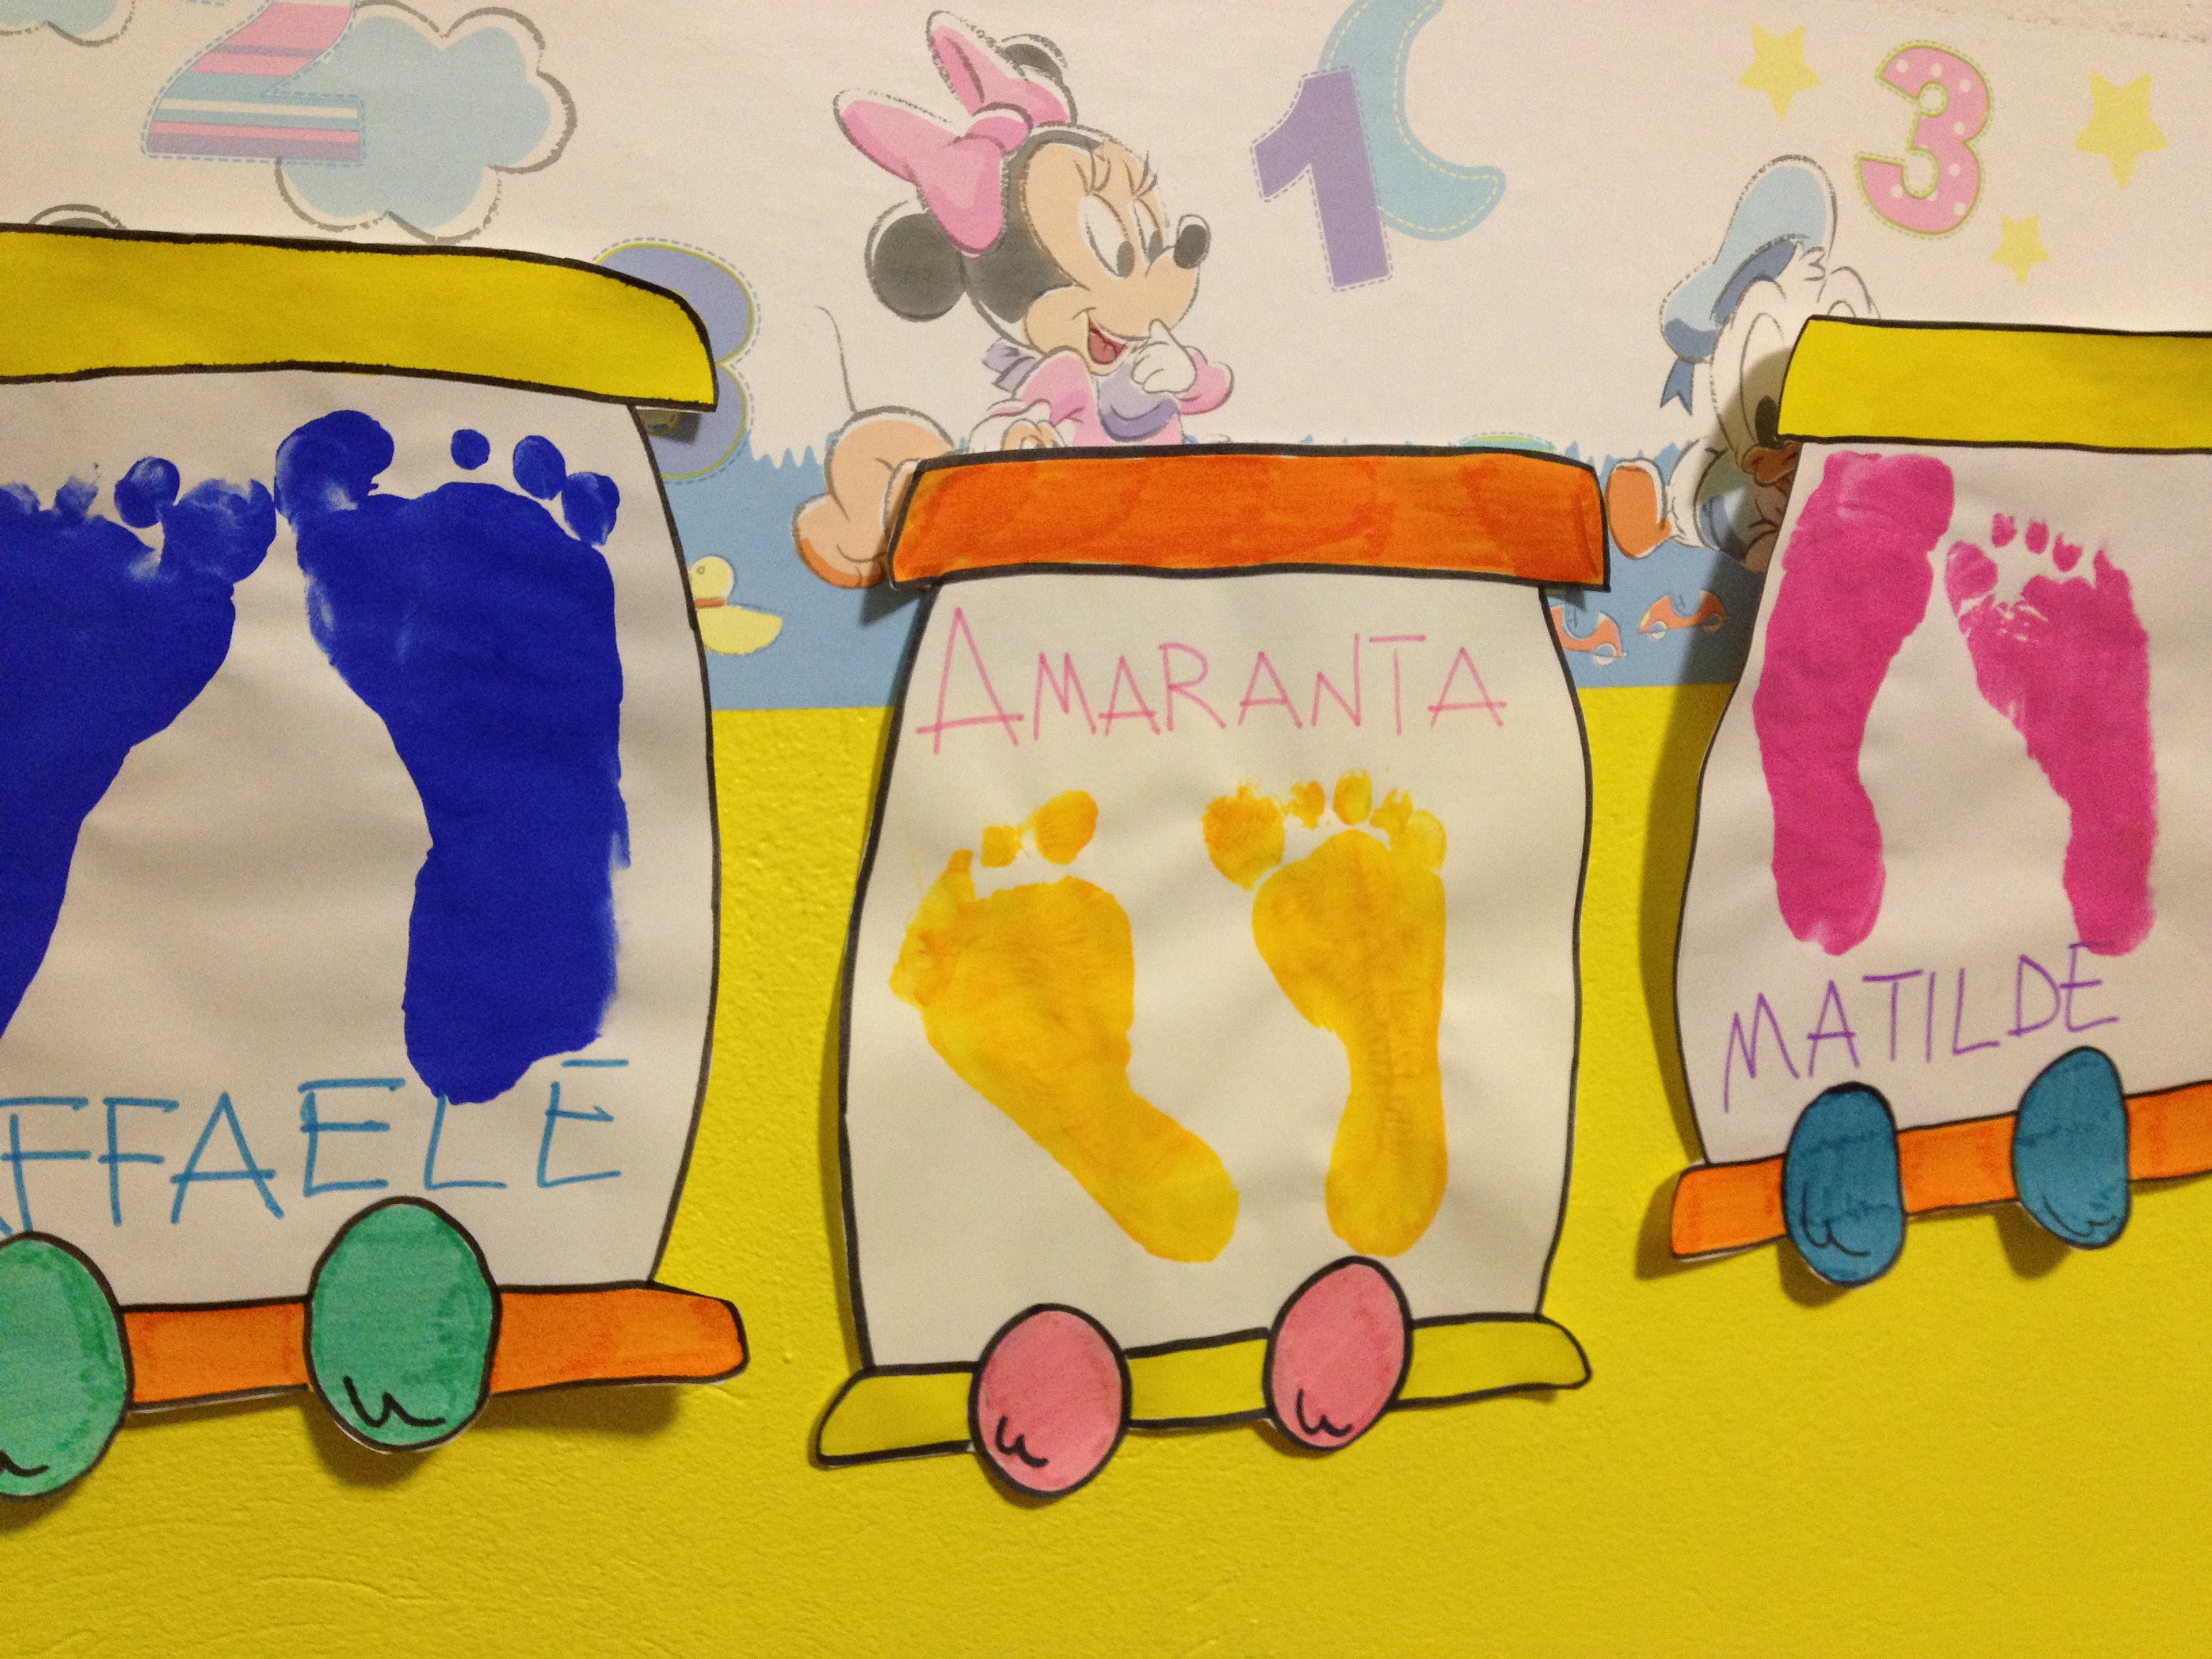 Conosciuto Attività Con I Bambini DE77 » Regardsdefemmes ER33